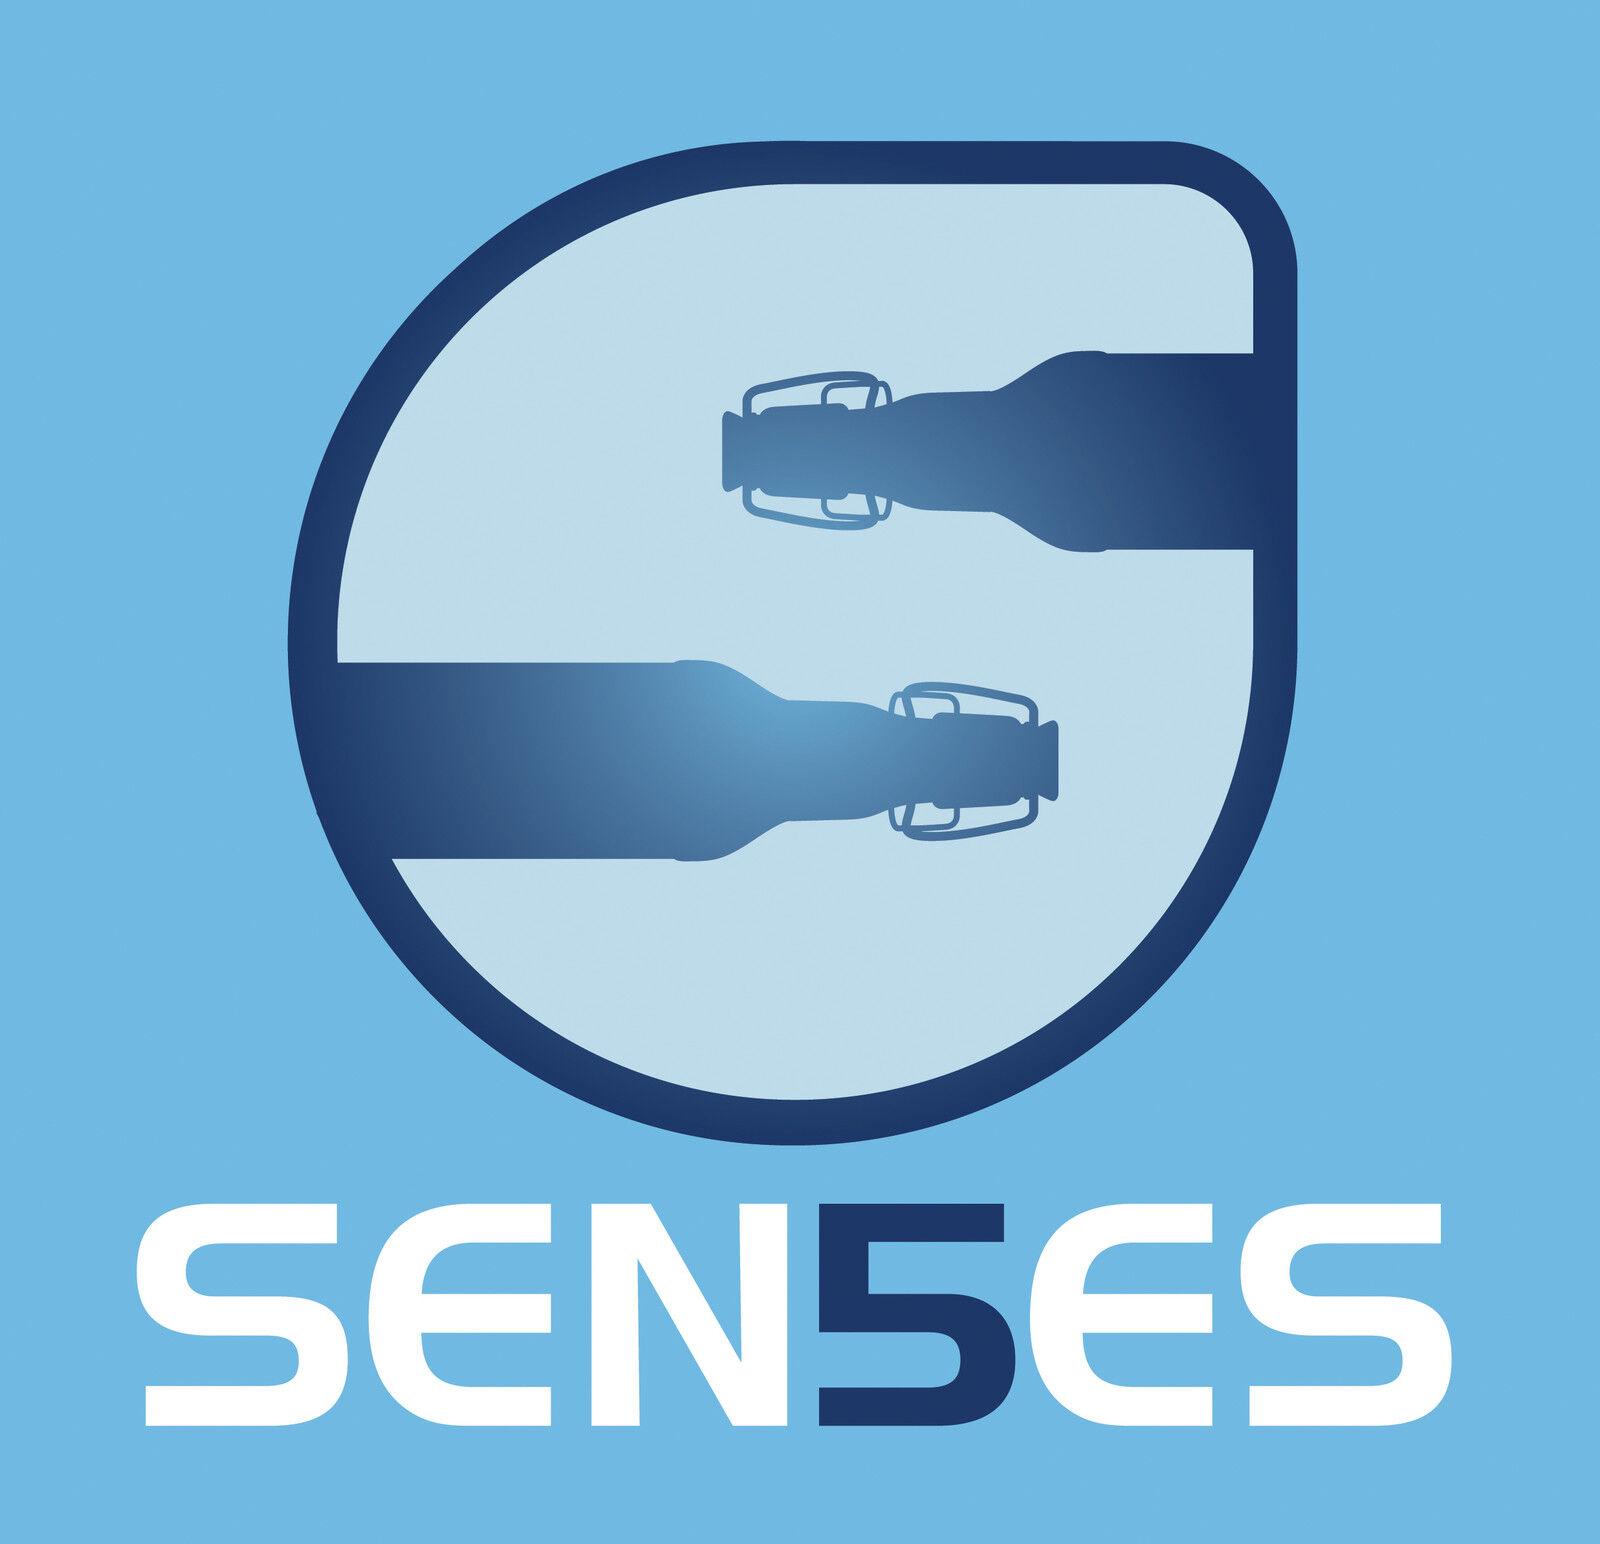 Glass bottles, Sen5es